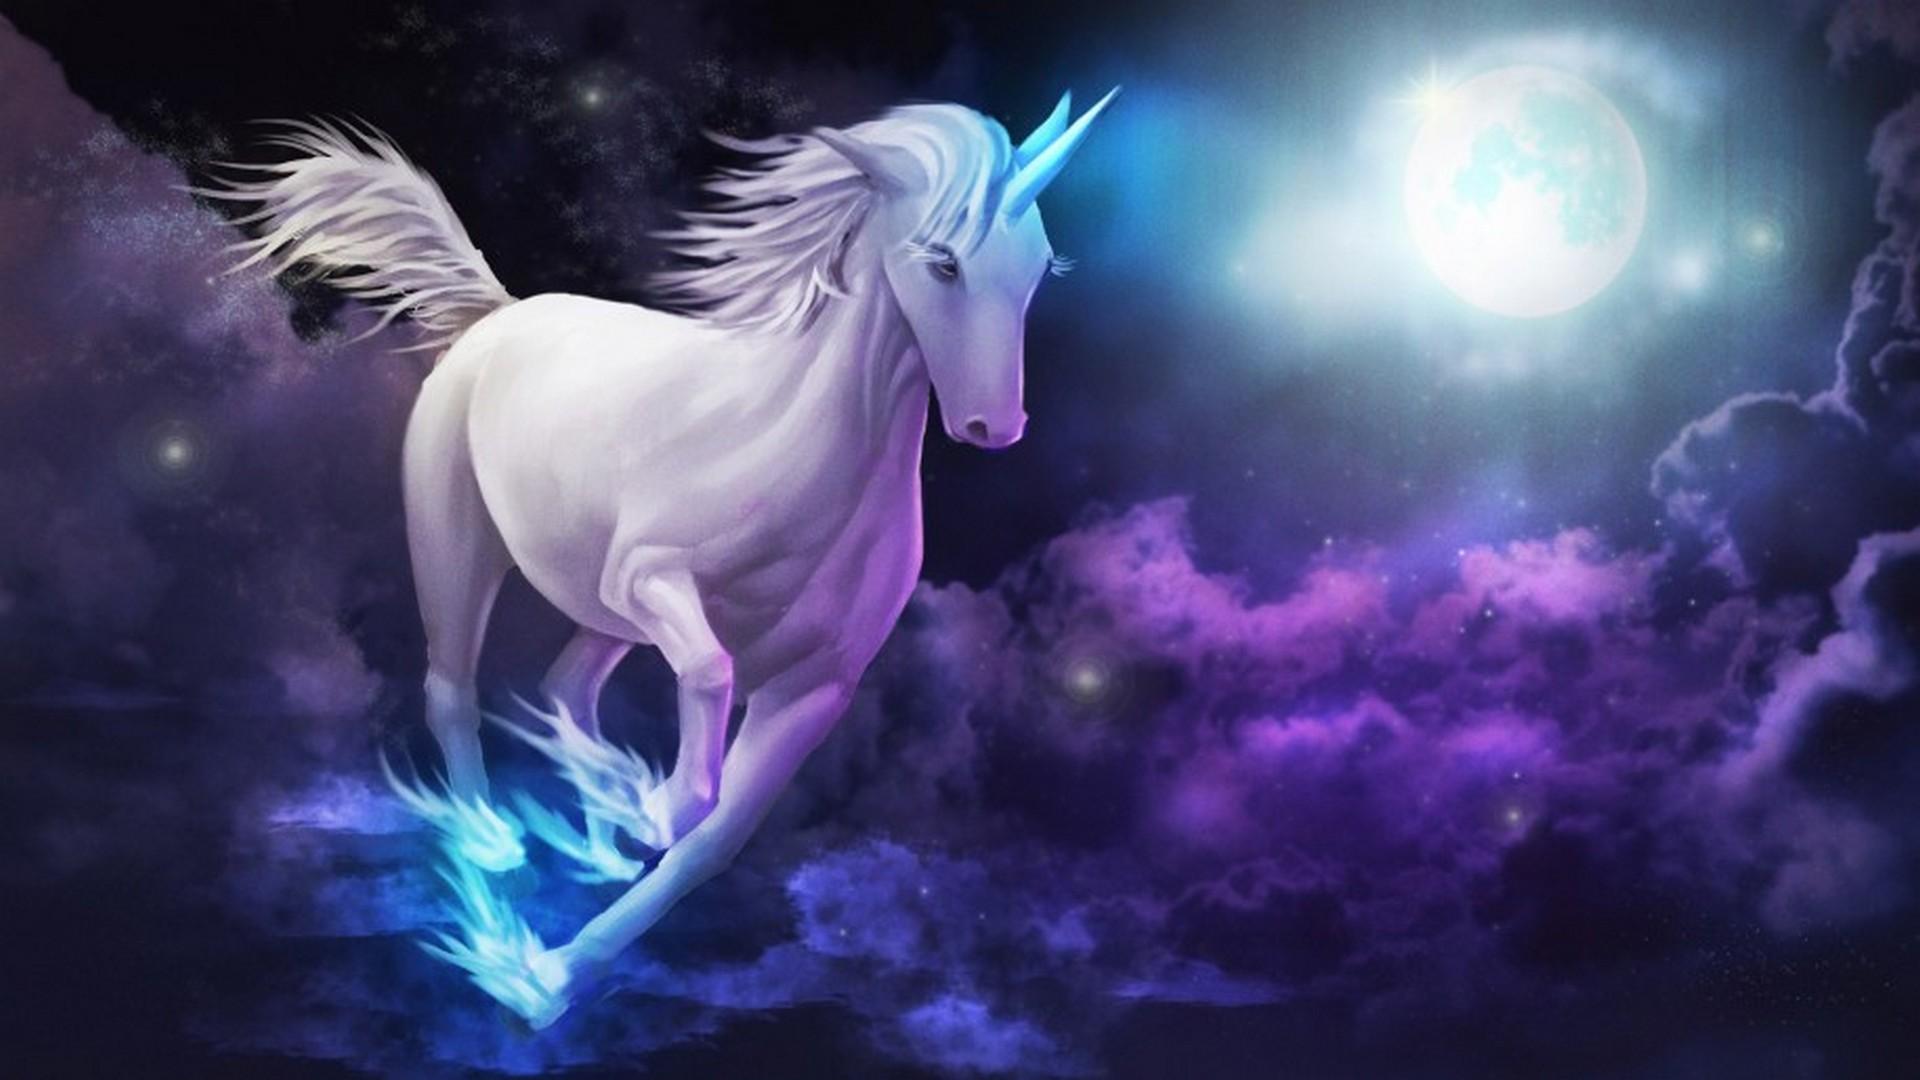 Wallpaper Unicorn Download - Novocom.top